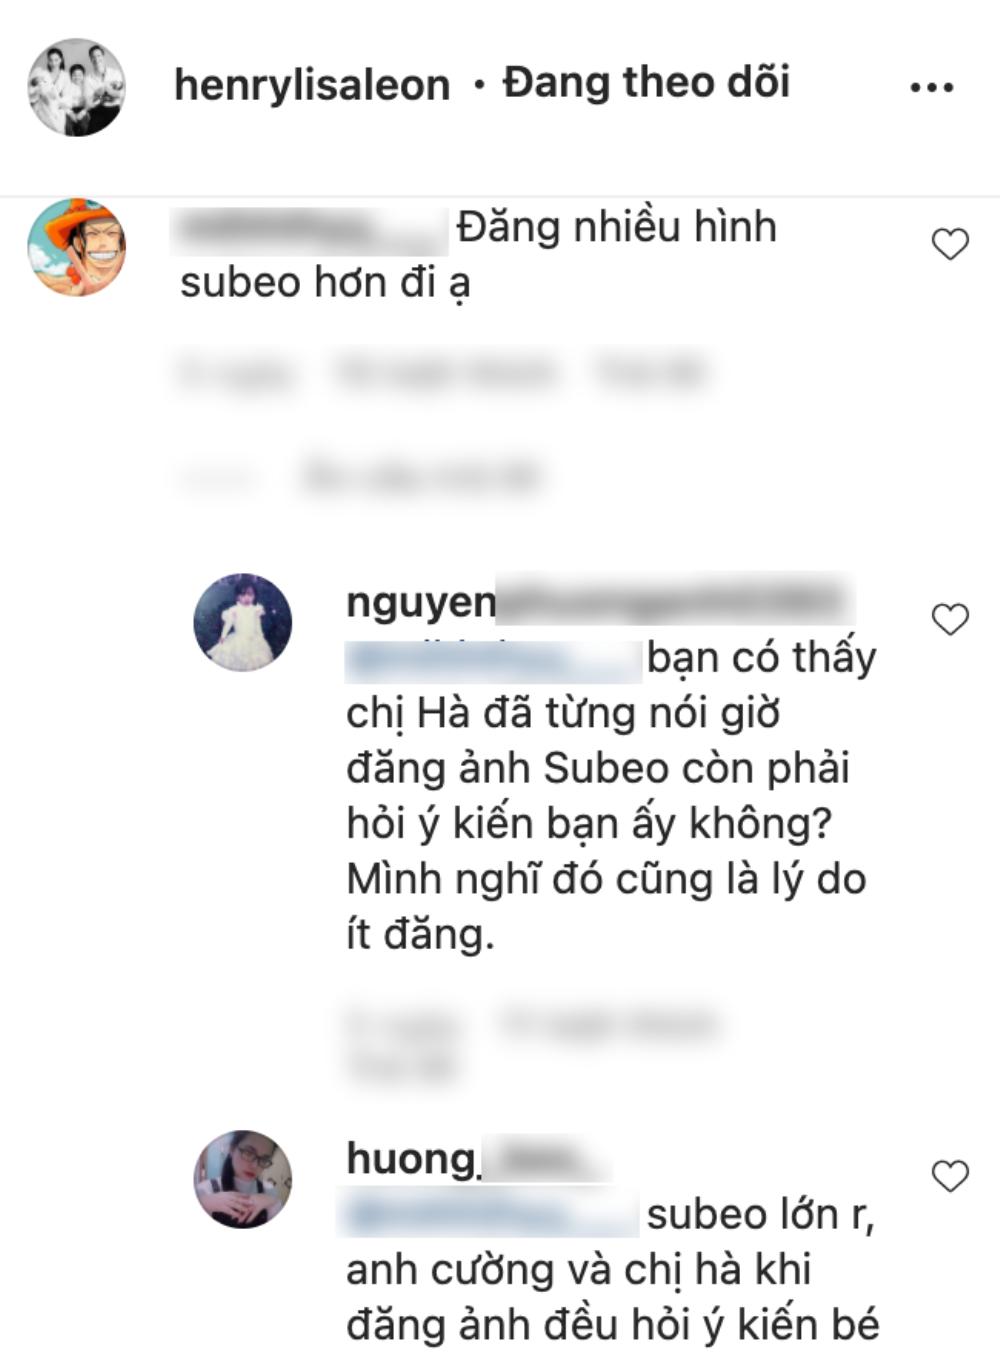 Bị chê đăng ít ảnh Subeo hơn Lisa - Leon, Hà Hồ có cách 'đáp trả' thâm sâu đầy thuyết phục? Ảnh 4